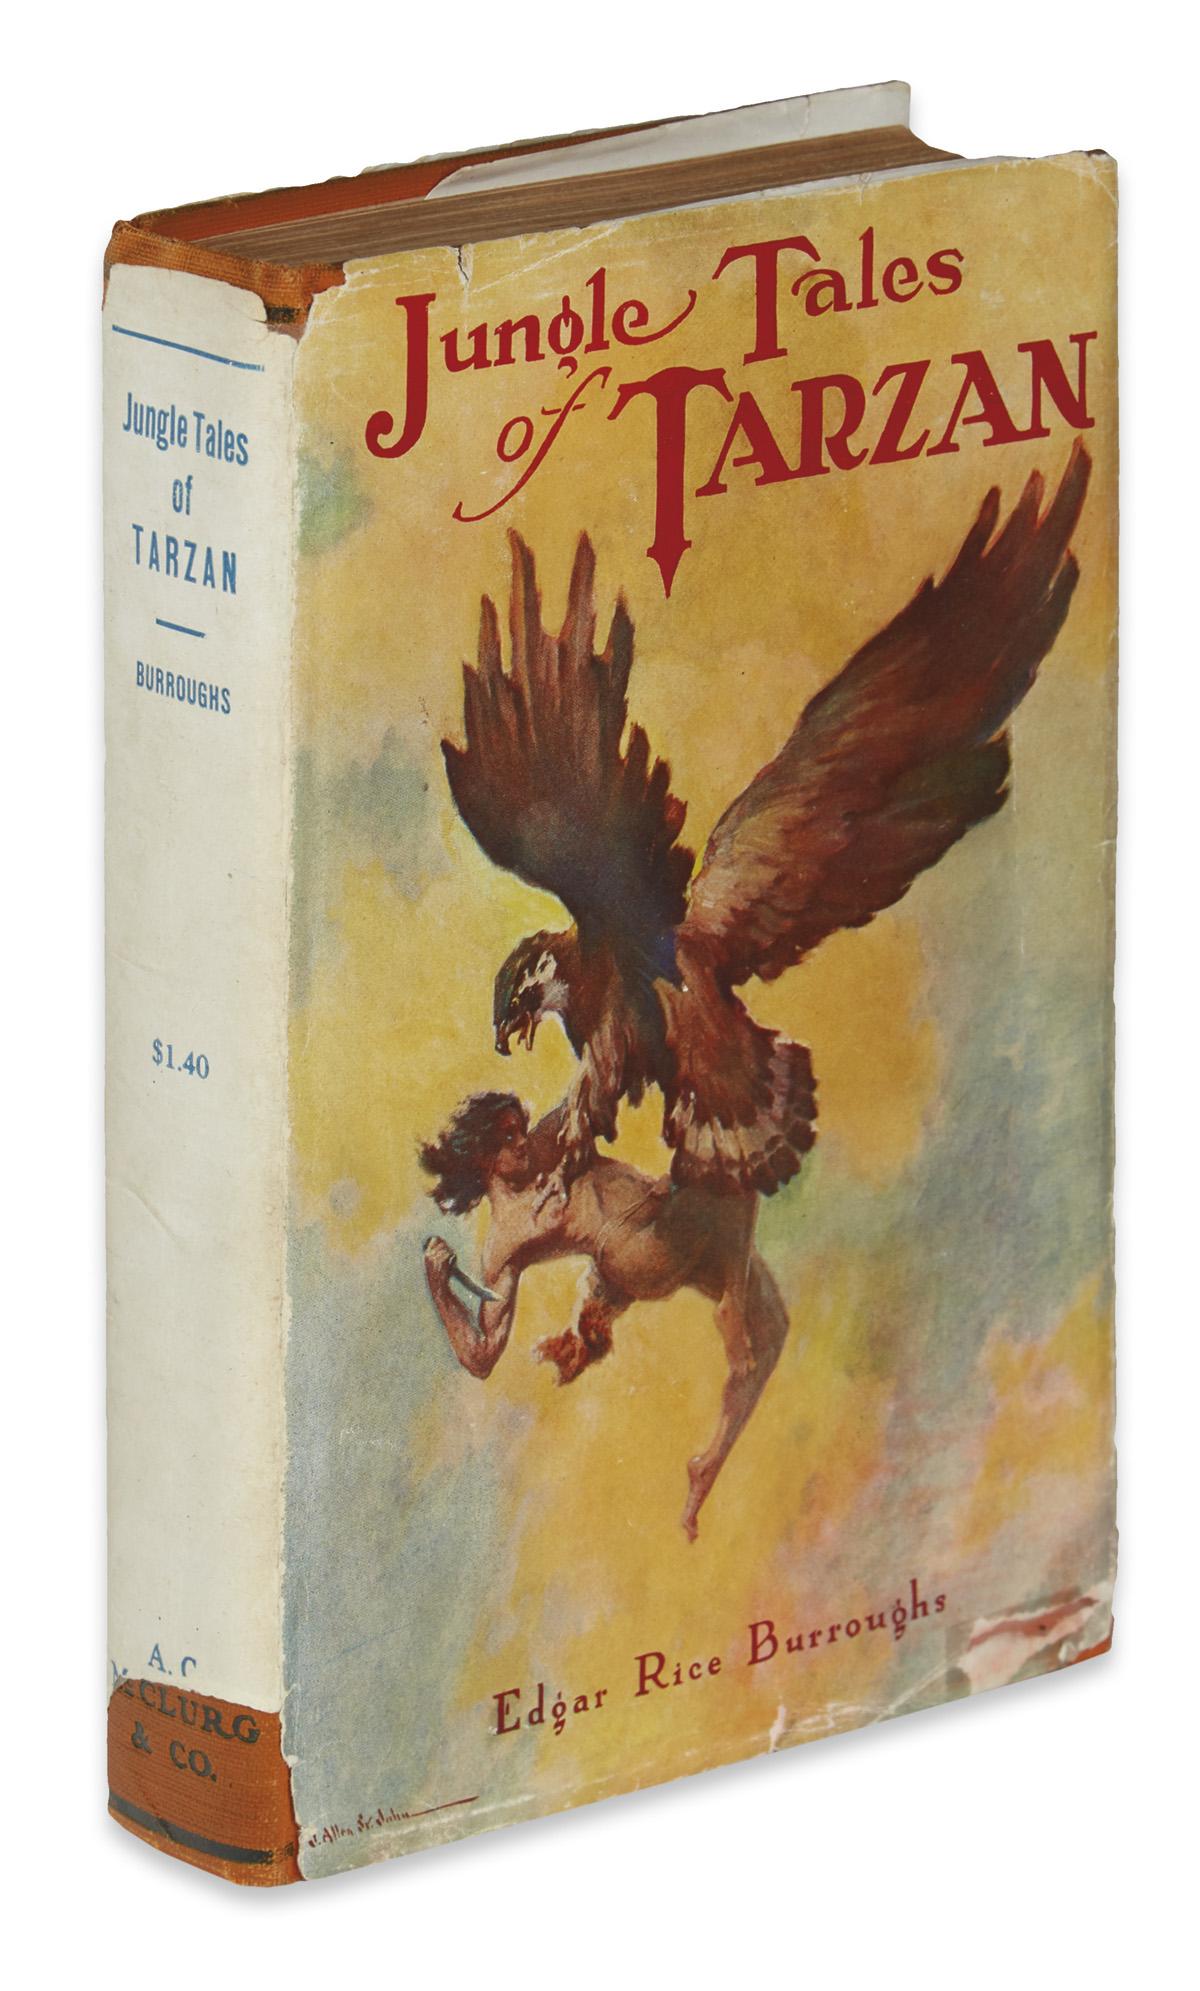 BURROUGHS-EDGAR-RICE-Jungle-Tales-of-Tarzan